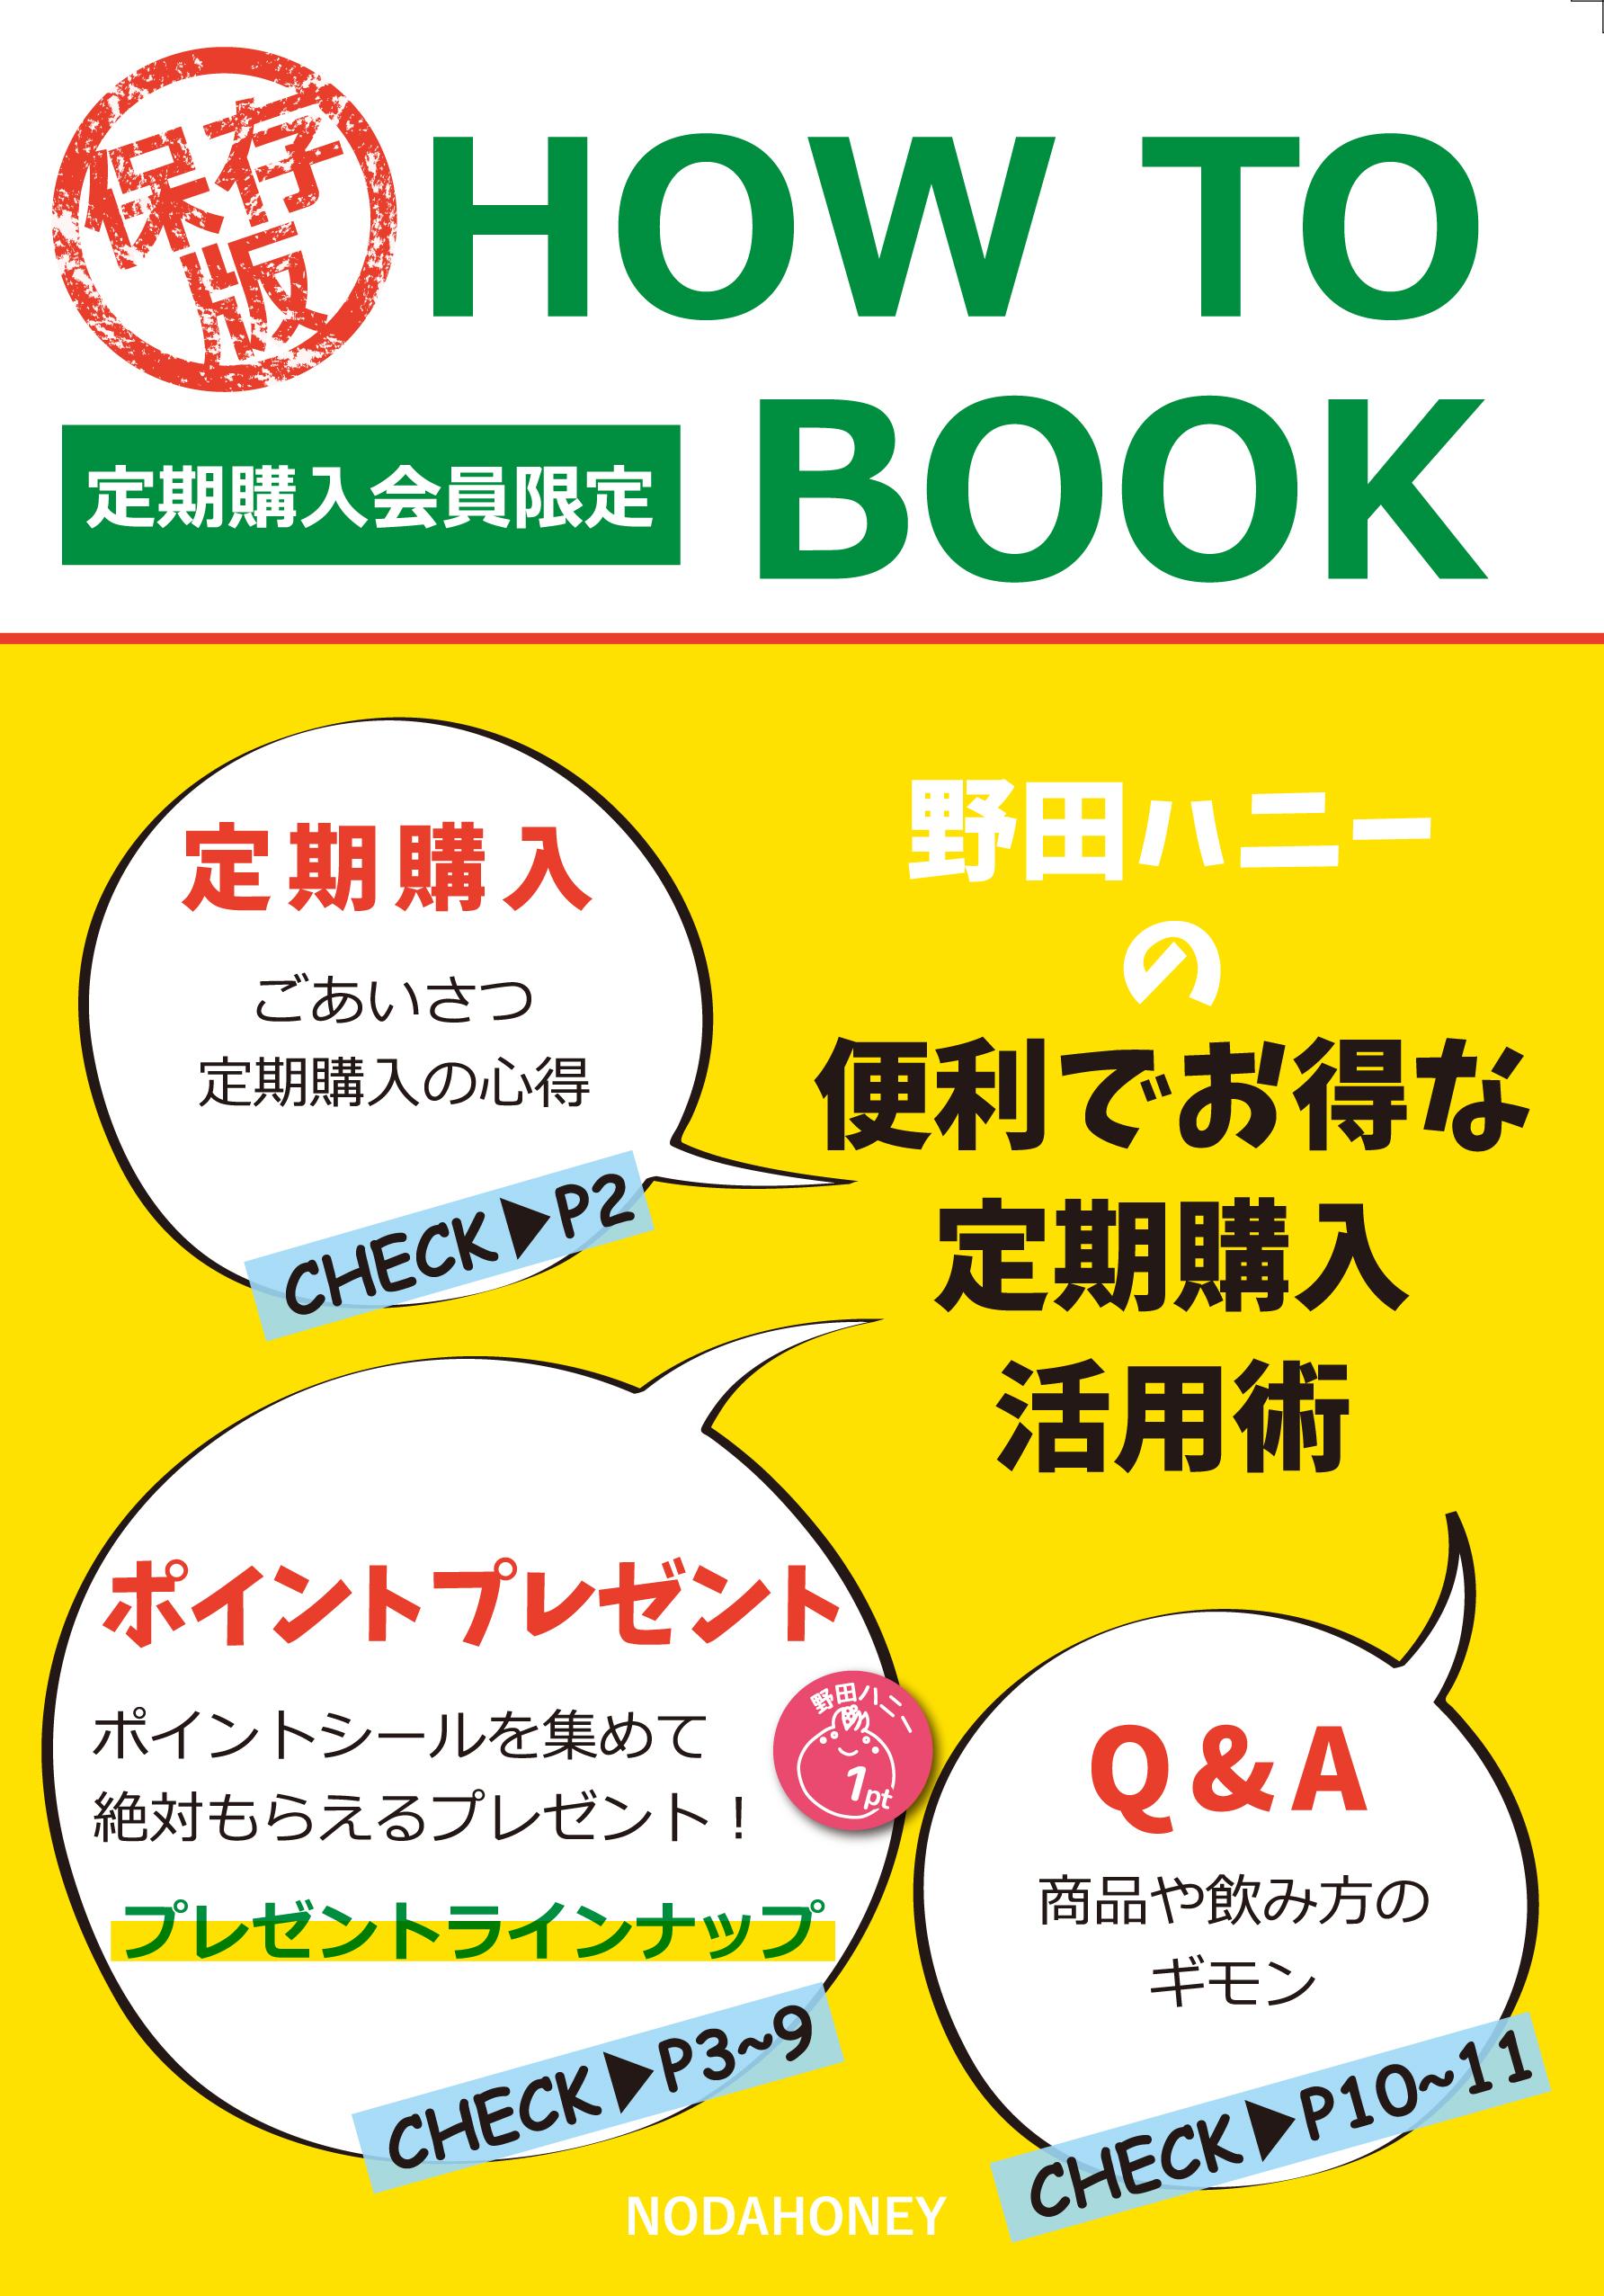 保存版 定期購入会員限定 HOW TO BOOK